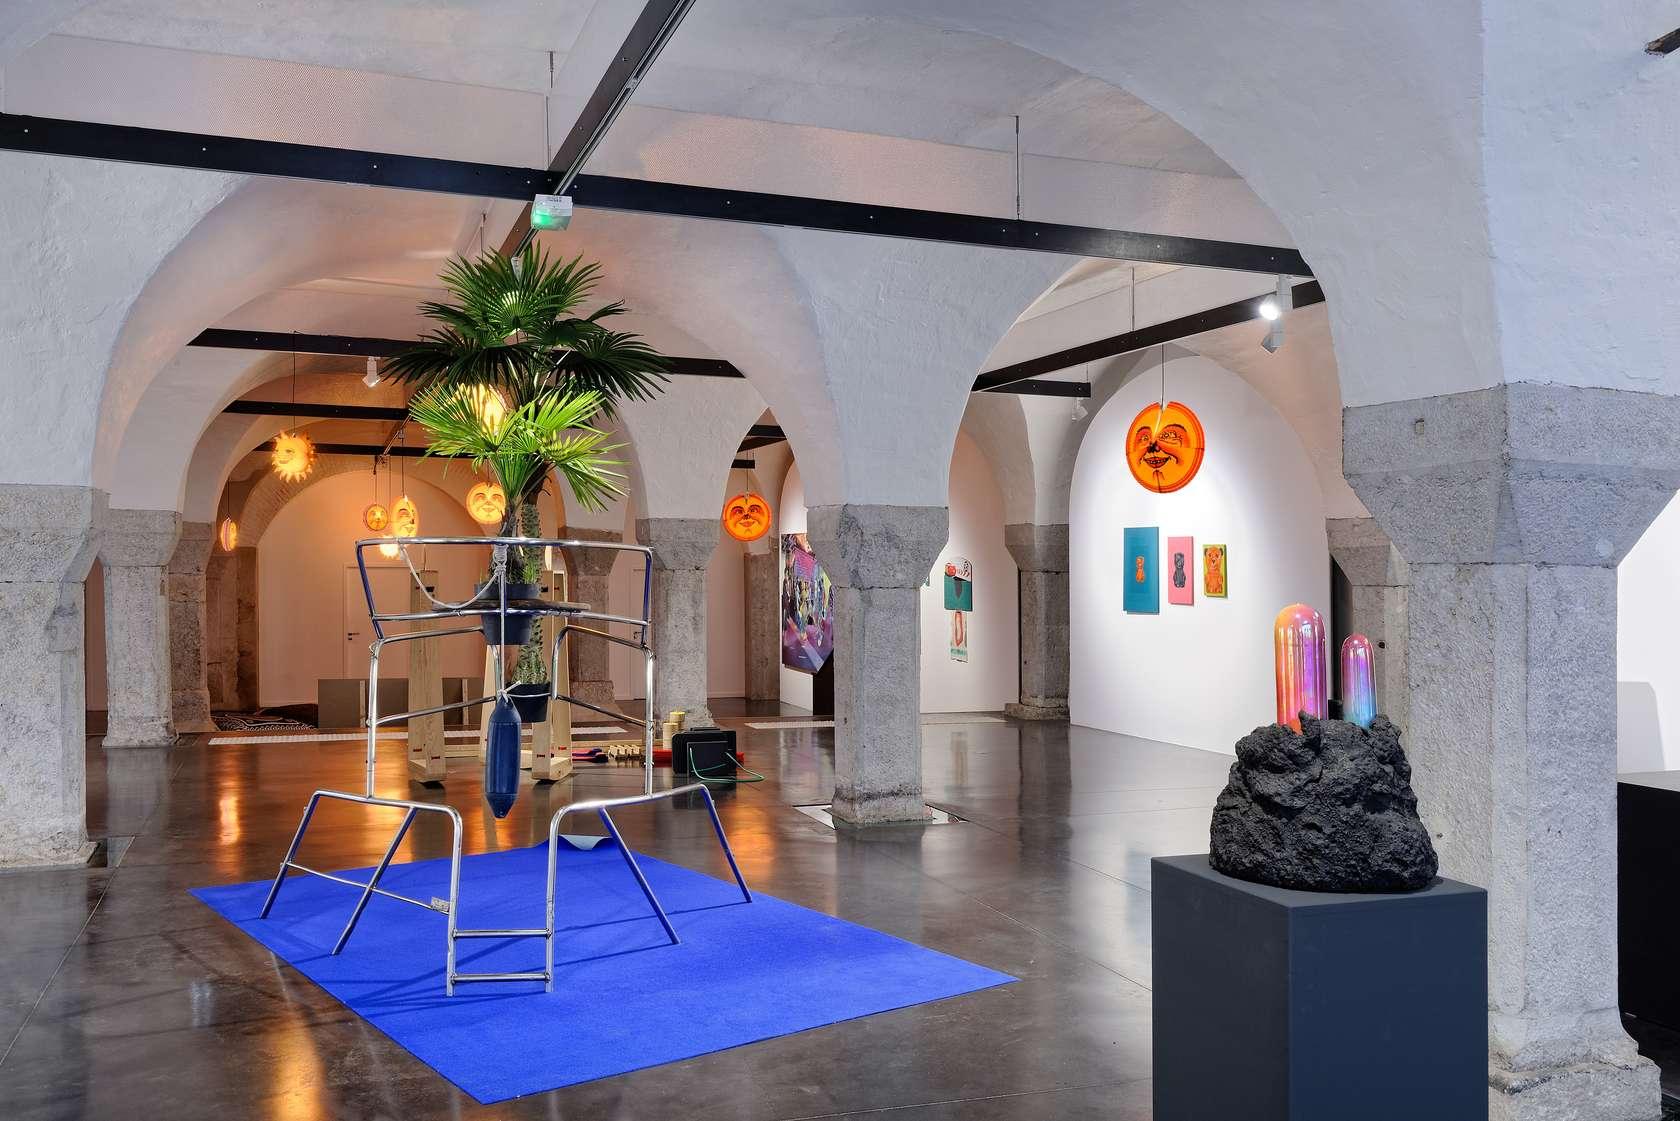 Salvatore Arancio Grande Section ! Centre d'art contemporain La Halle des bouchers, Vienne (FR) 9 février  — 3 mars 2019